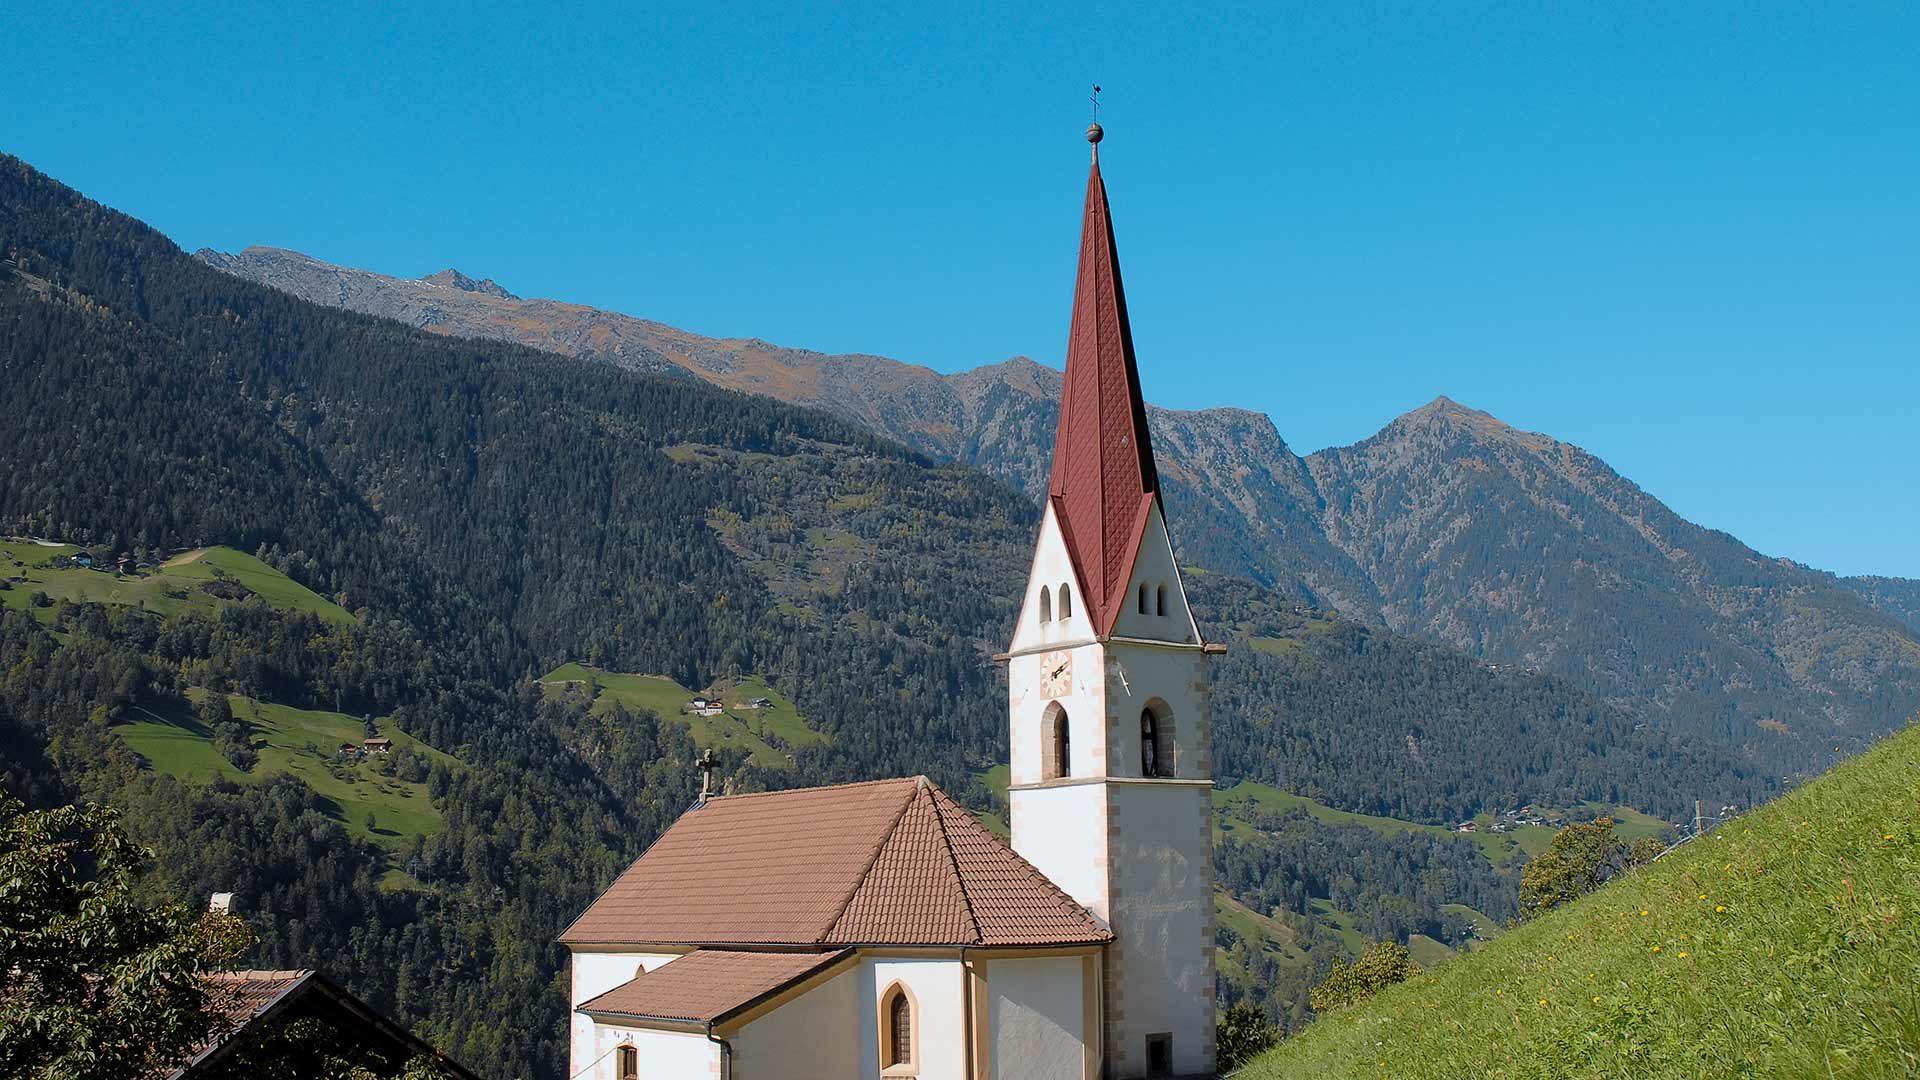 Kirche von St. Martin in Passeier